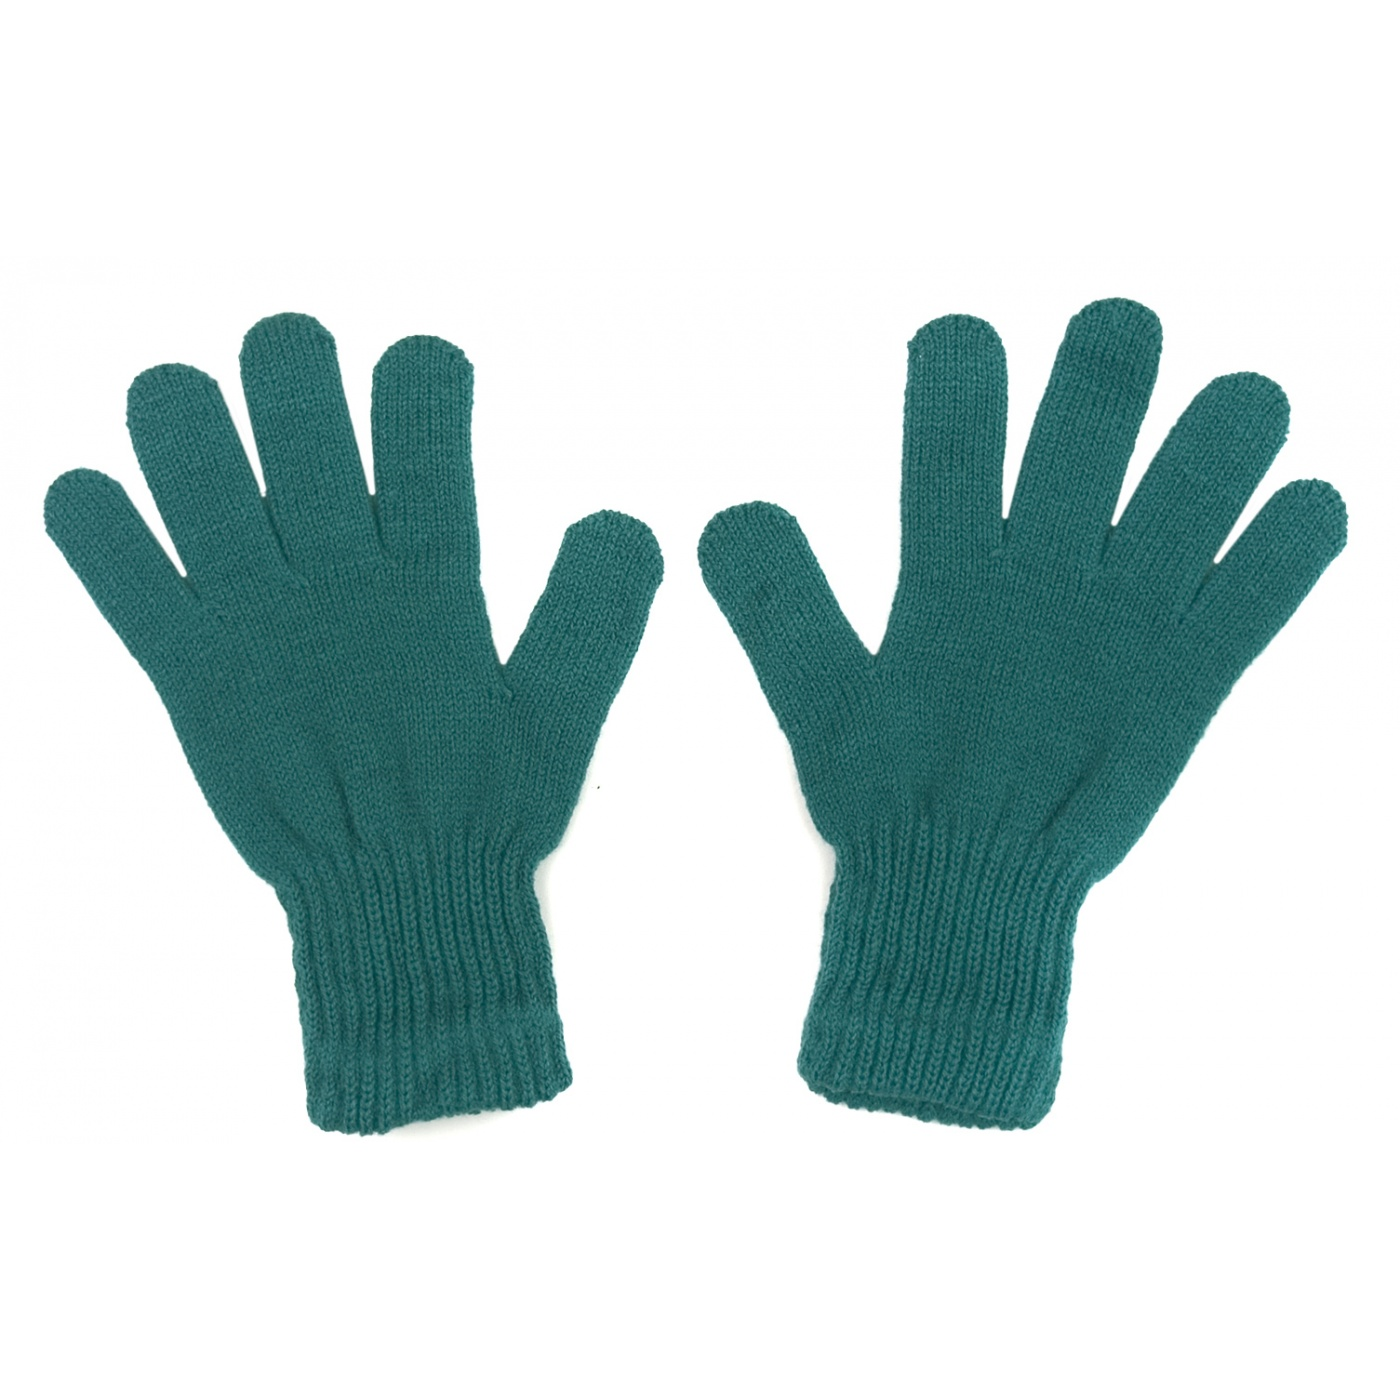 Damskie rękawiczki zimowe: morskie